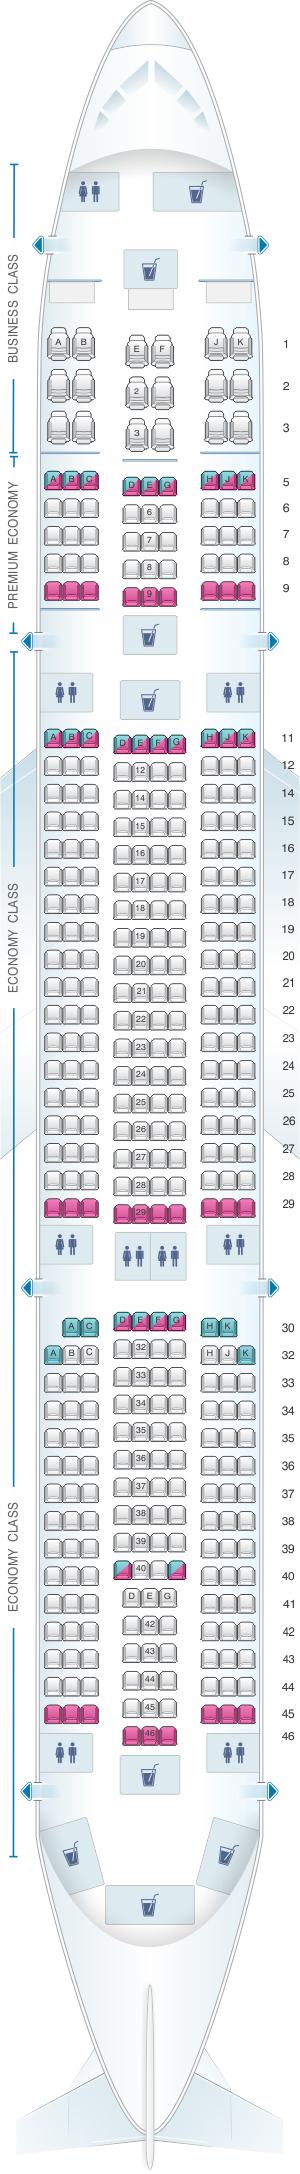 Seat map for Air Caraibes Airbus A350 900